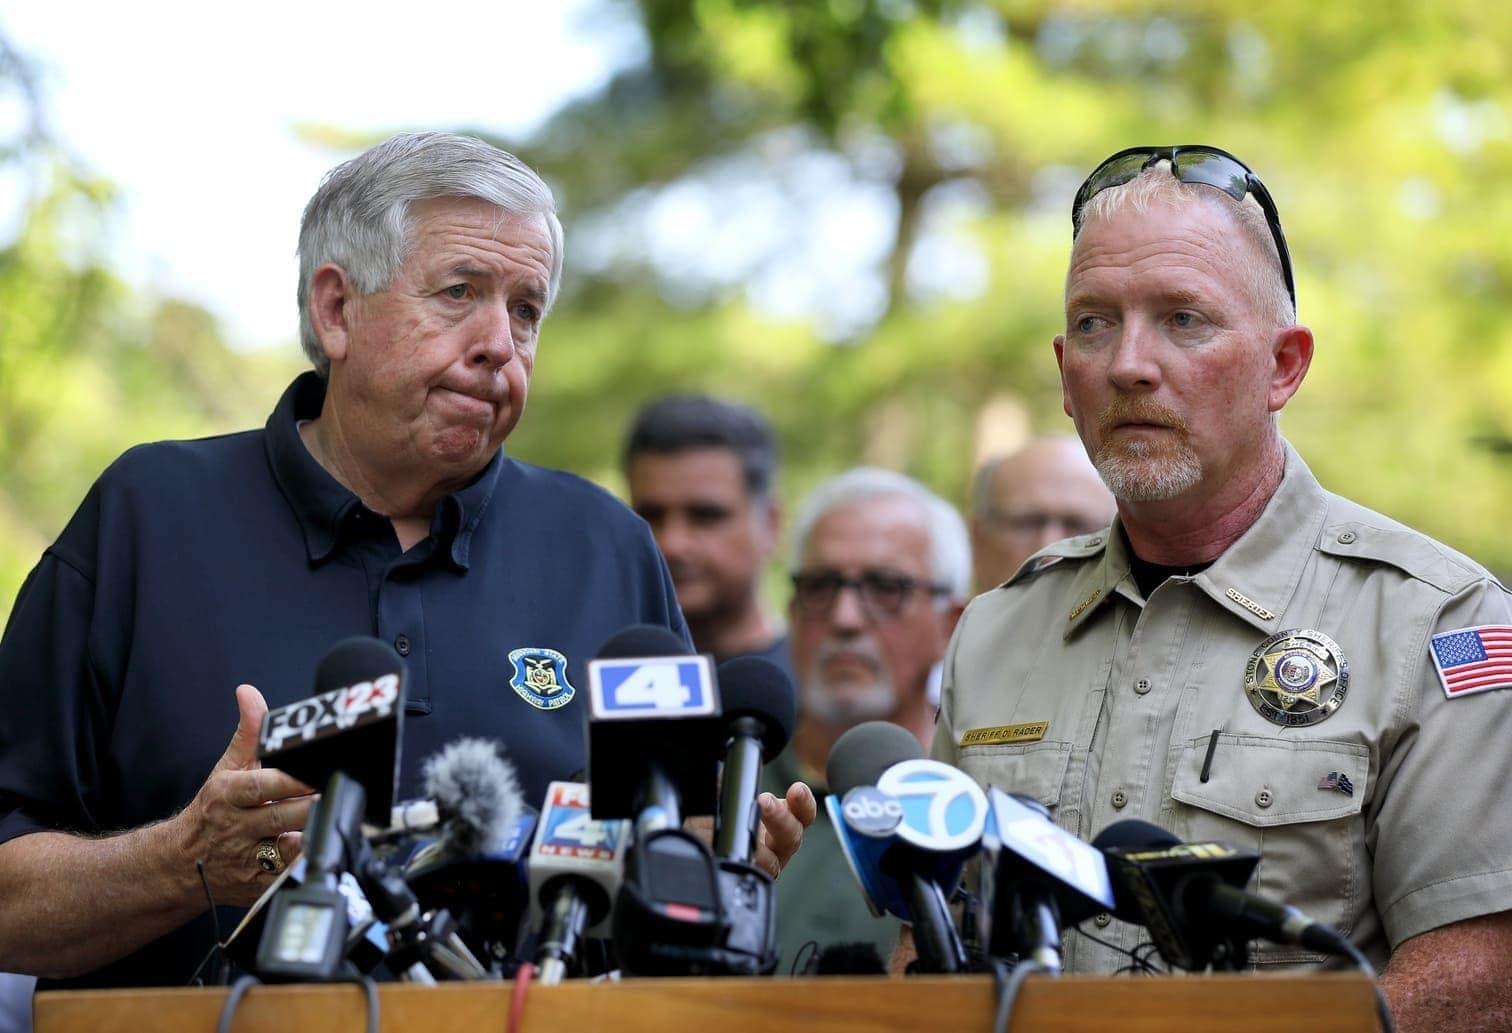 <p>Nach dem Bootsunglück im US-Bundesstaat Missouri mit insgesamt 17 Toten erschüttert eine Familientragödie das ganze Land.</p> Foto: dpa